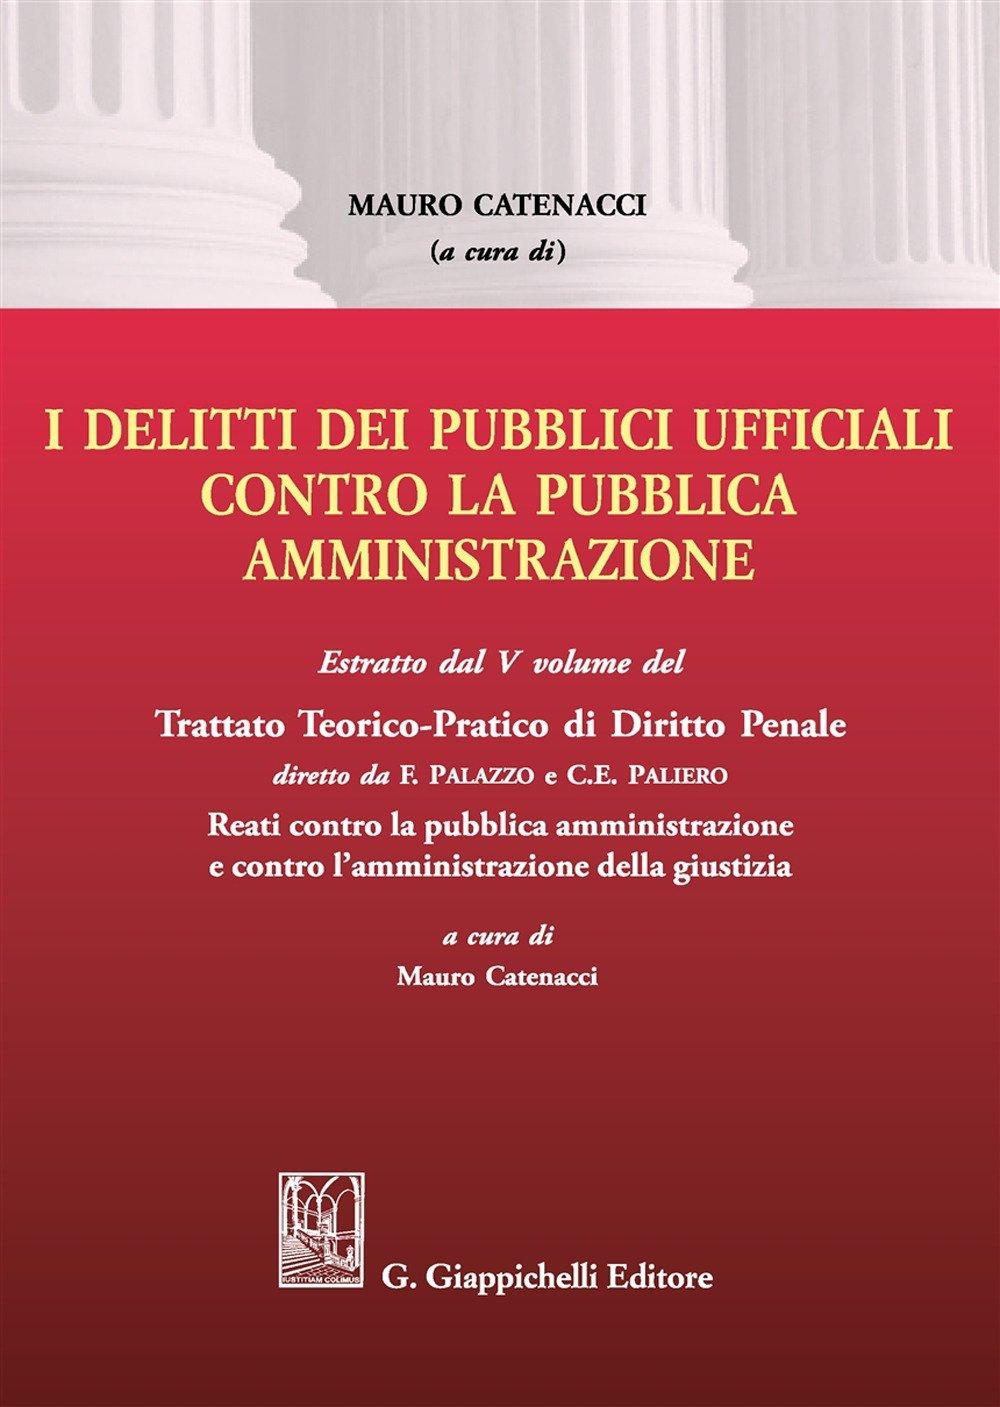 I delitti dei pubblici ufficiali contro la pubblica amministrazione. Estratto dal V volume del Trattato teorico-pratico di diritto penale